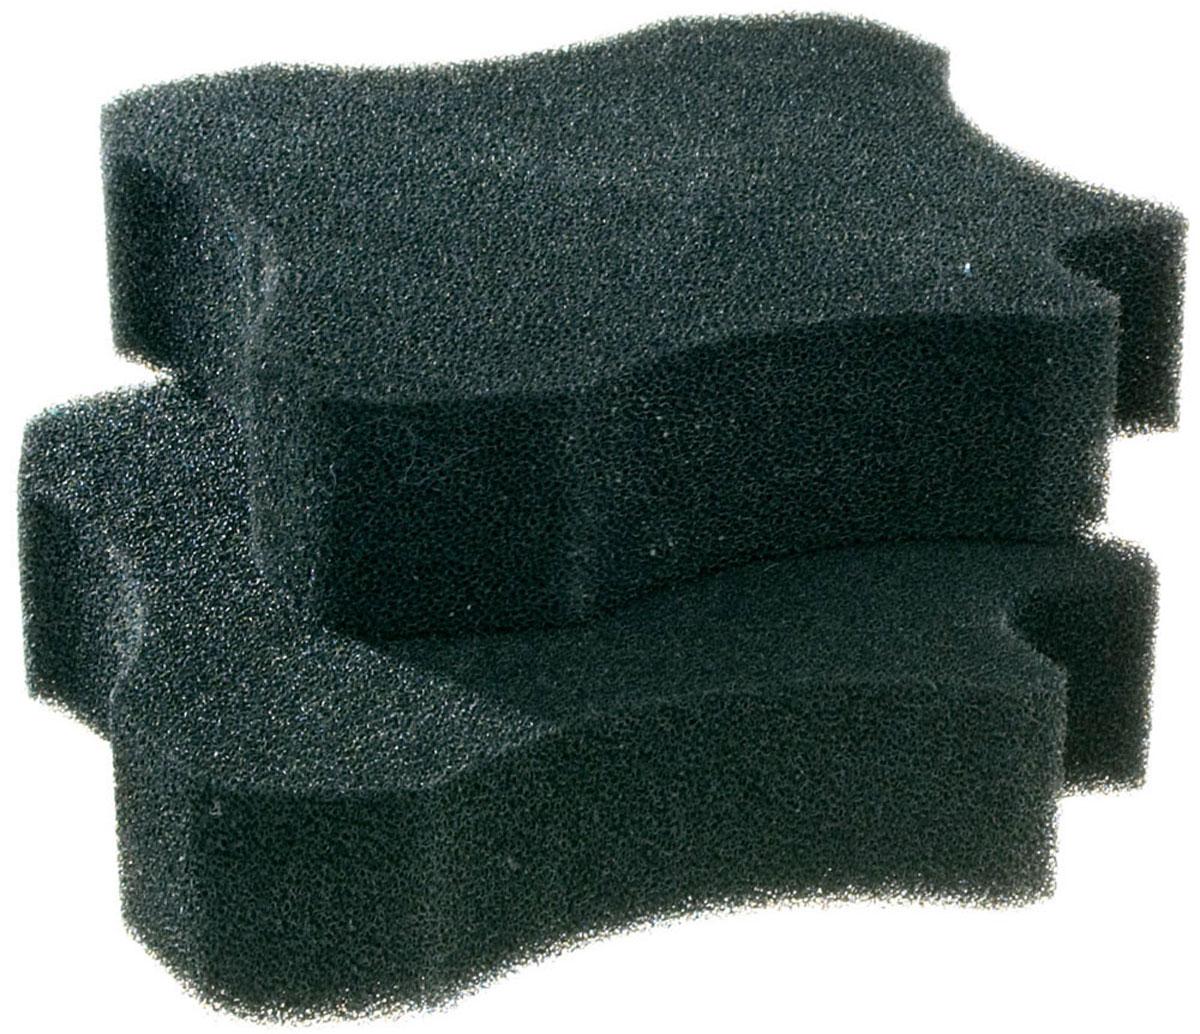 Набор губок карбоновых Bluclear для внешнего фильтра Ferplast BluExtreme 700-1100 уп. 2 шт (1 шт) набор резиновых уплотнителей для внешних фильтров ferplast bluextreme 700 1100 1 шт